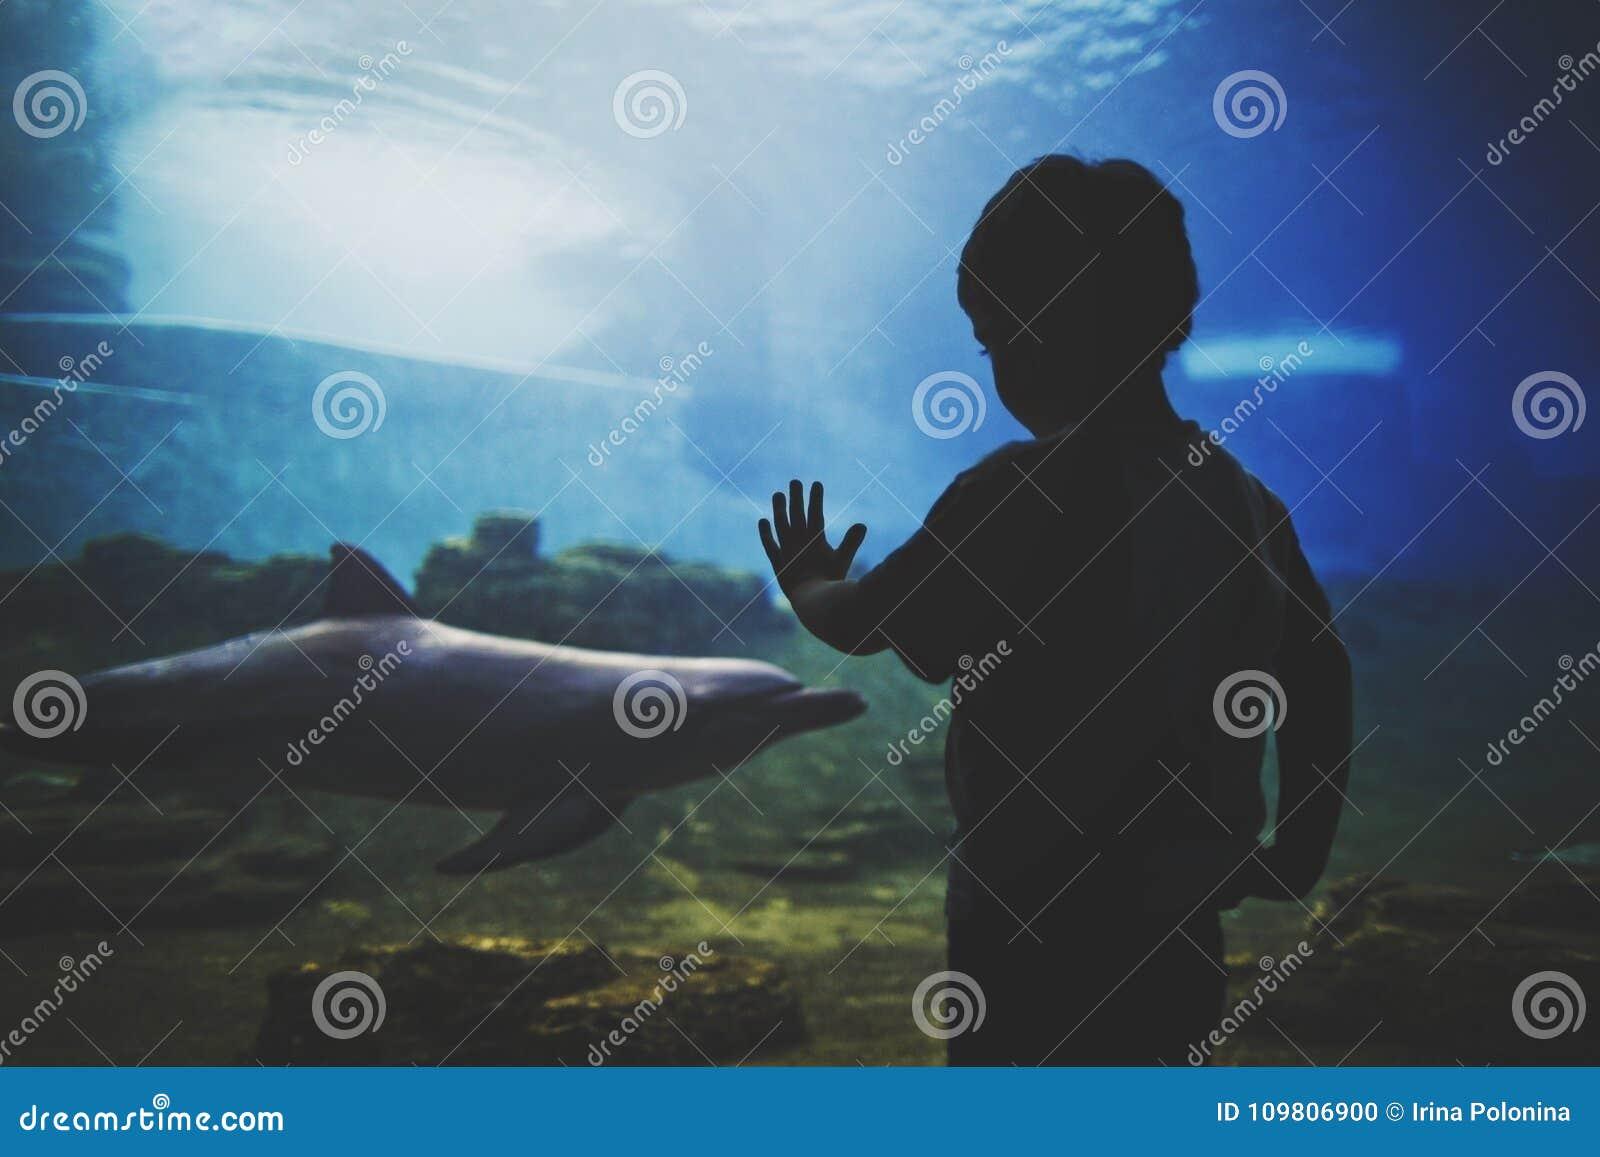 Ciemna sylwetka chłopiec przed dużym akwarium z delfinem w błękitne wody